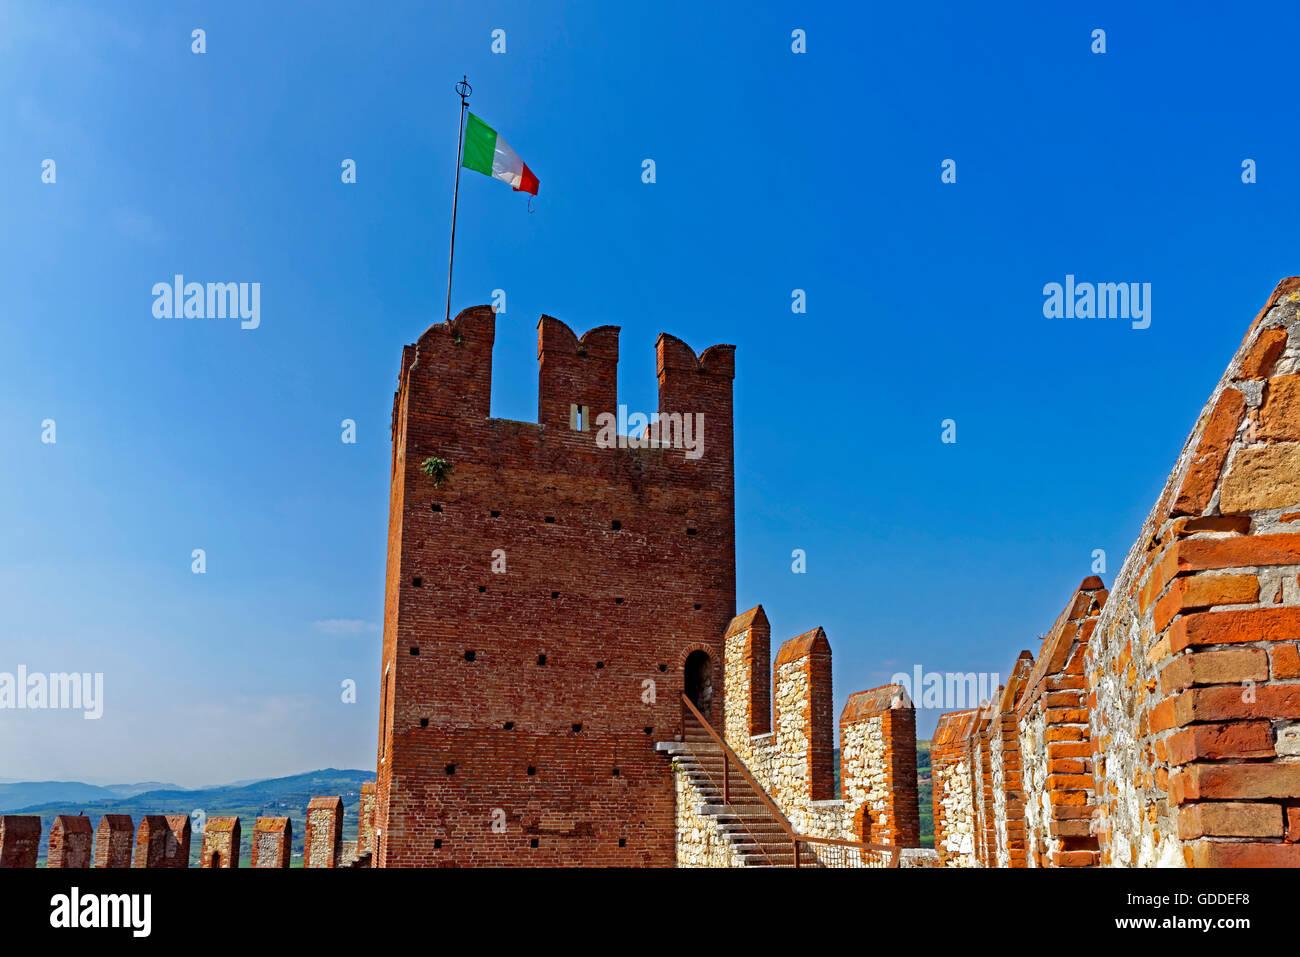 Scalierburg,Castello Medievale Stock Photo